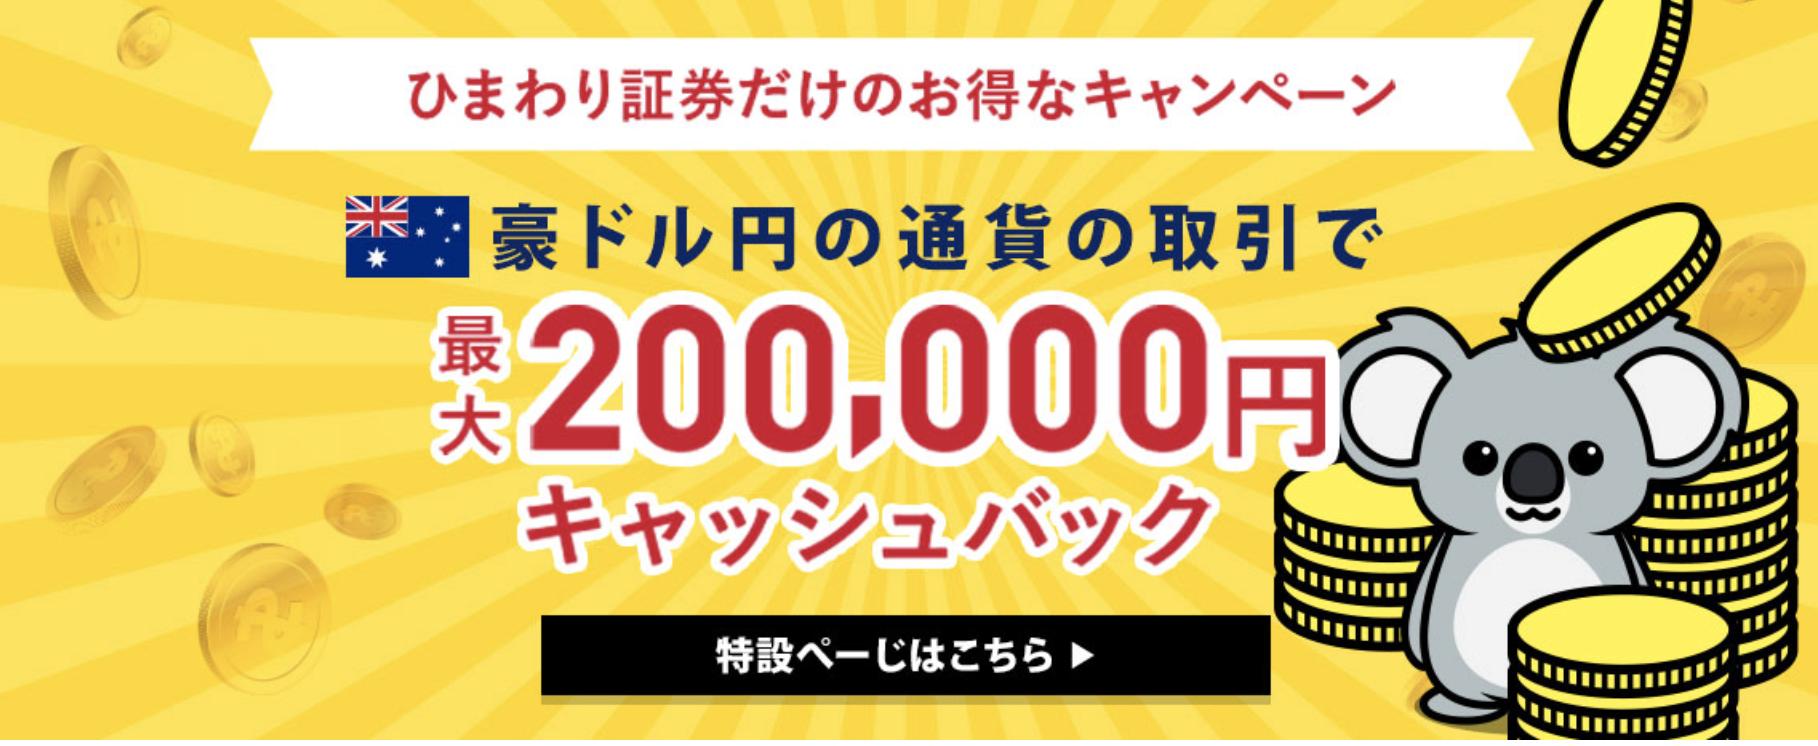 ひまわり証券のキャンペーン